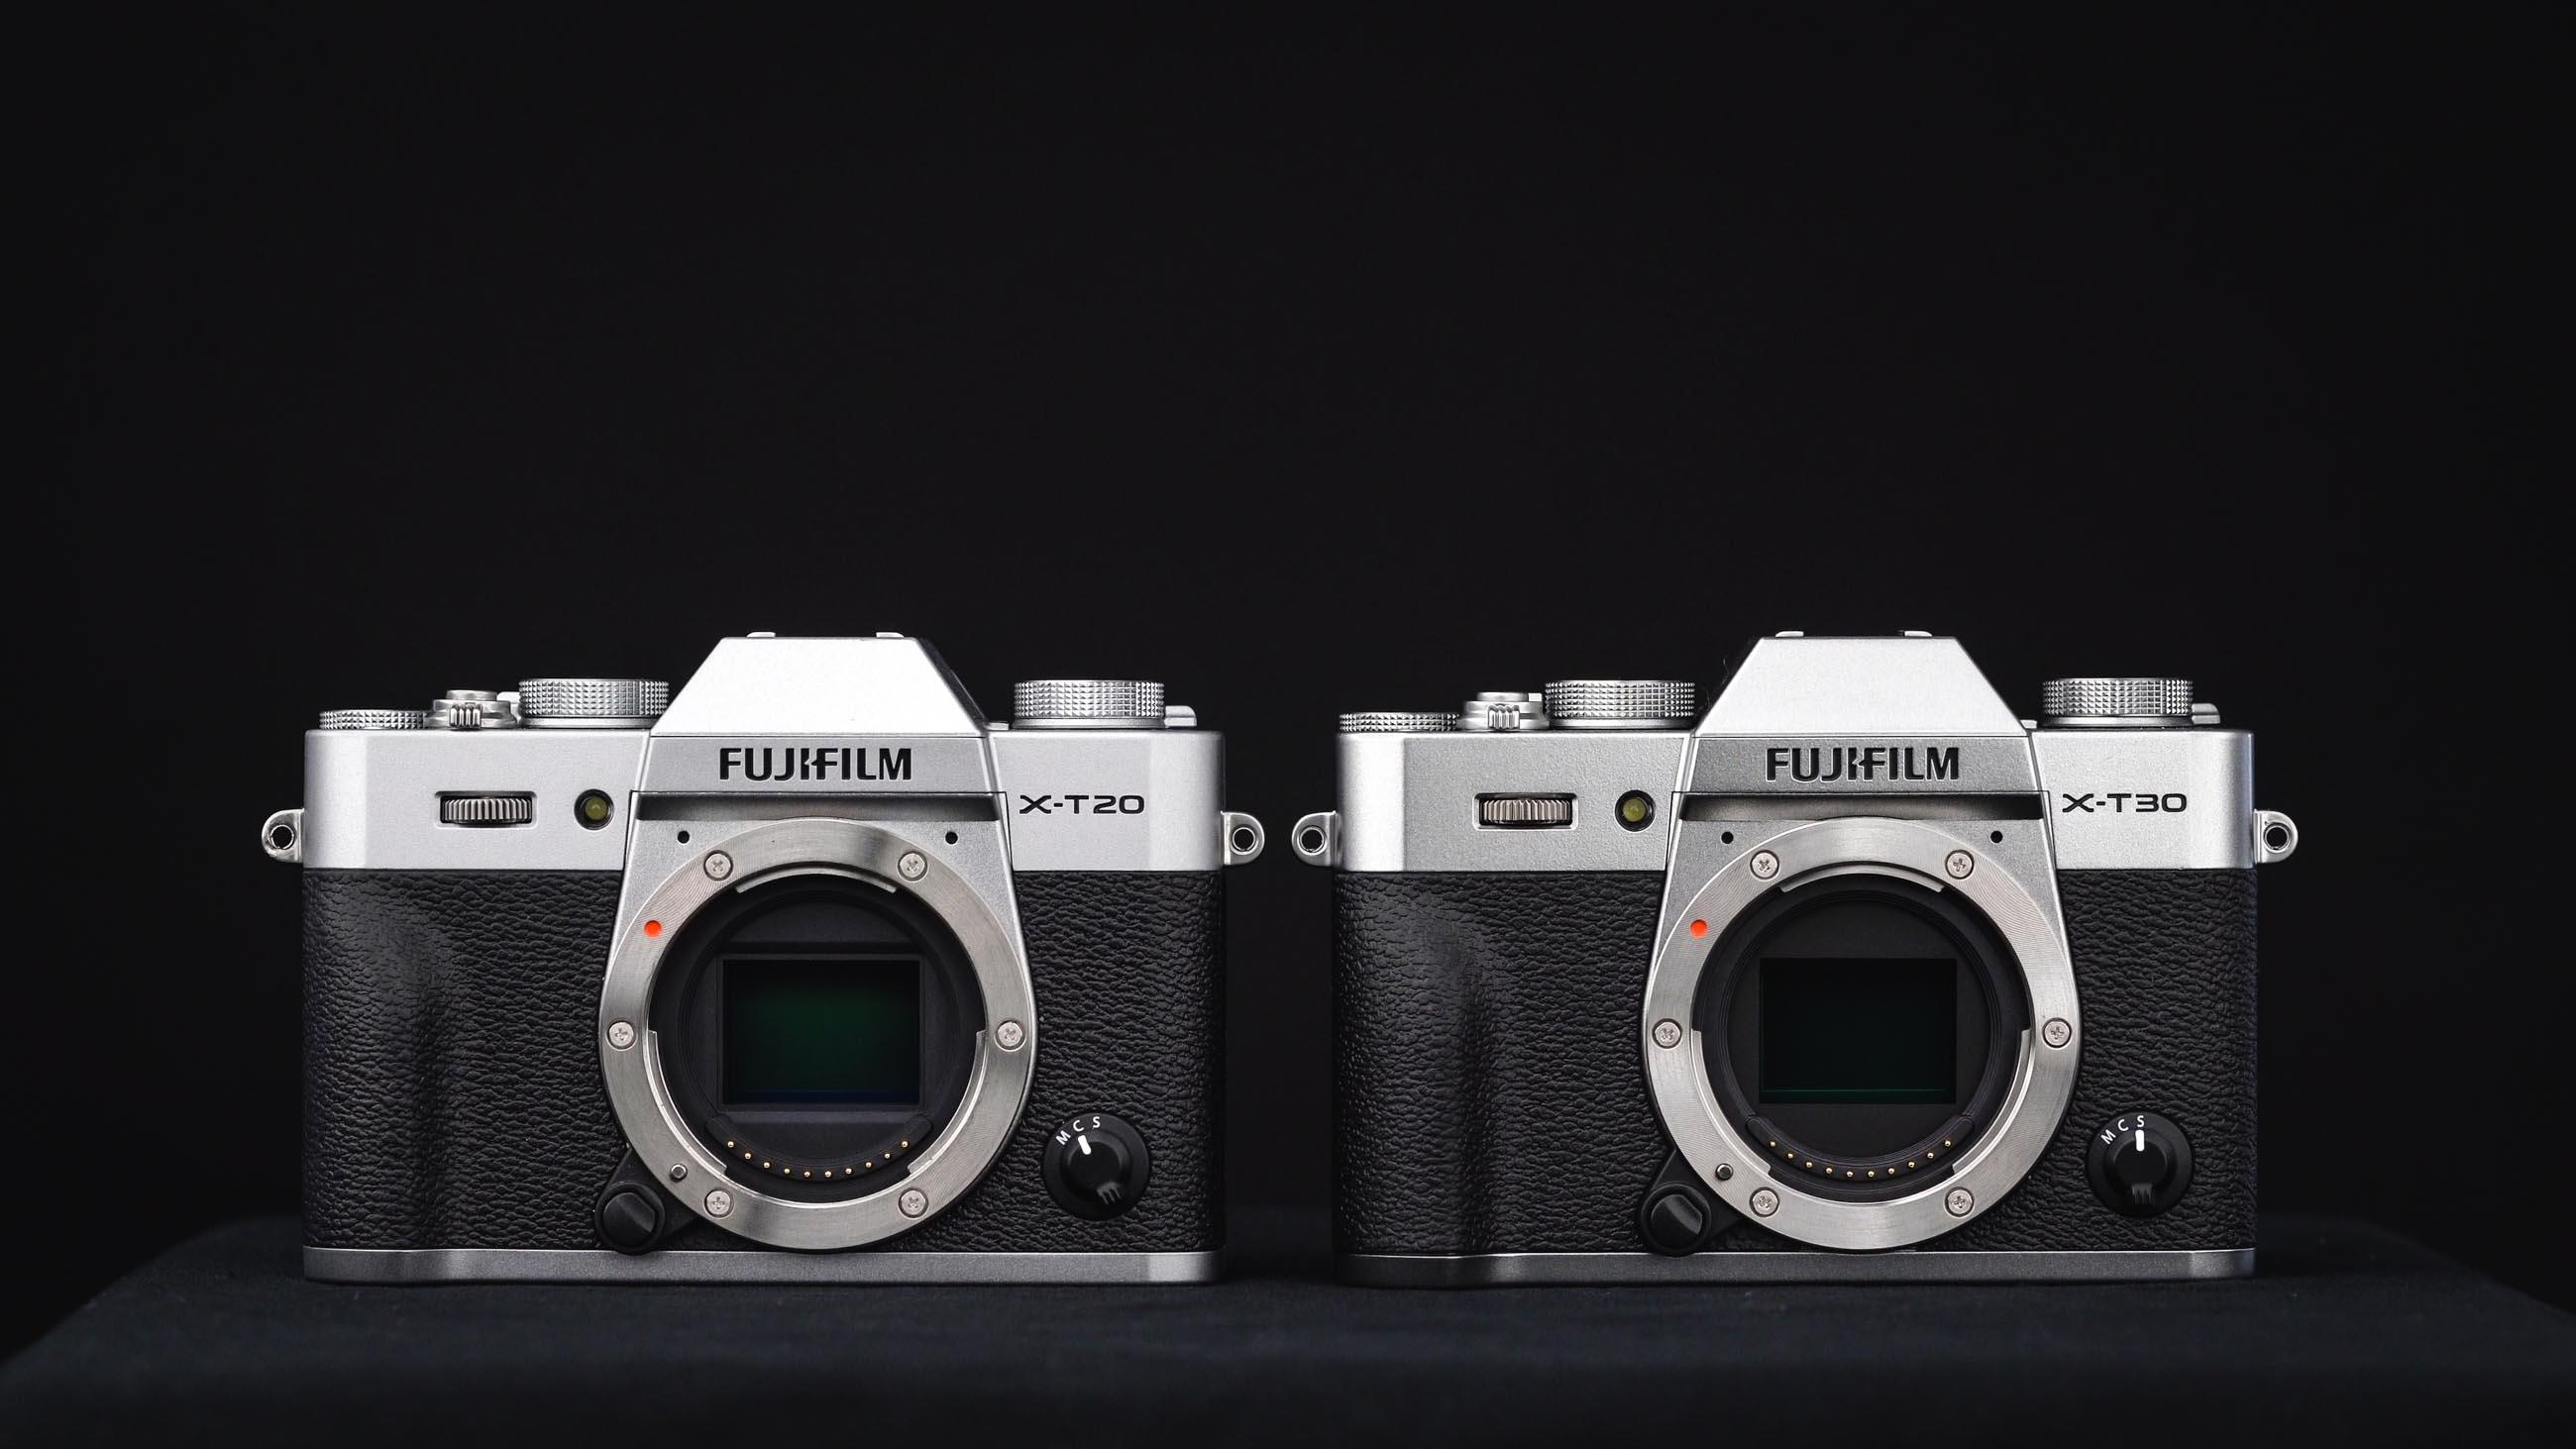 Фотоаппарат Fujifilm X-T30 vs X-T20 Что изменилось, обзор, сравнение